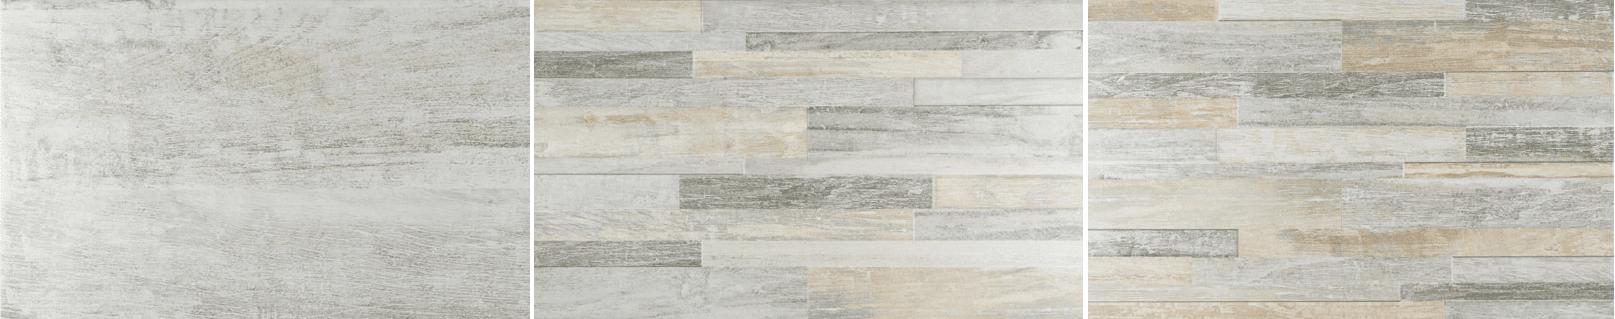 Piastrelle per il bagno 25 soluzioni e oltre 75 abbinamenti cose di casa - Piastrelle bagno texture ...